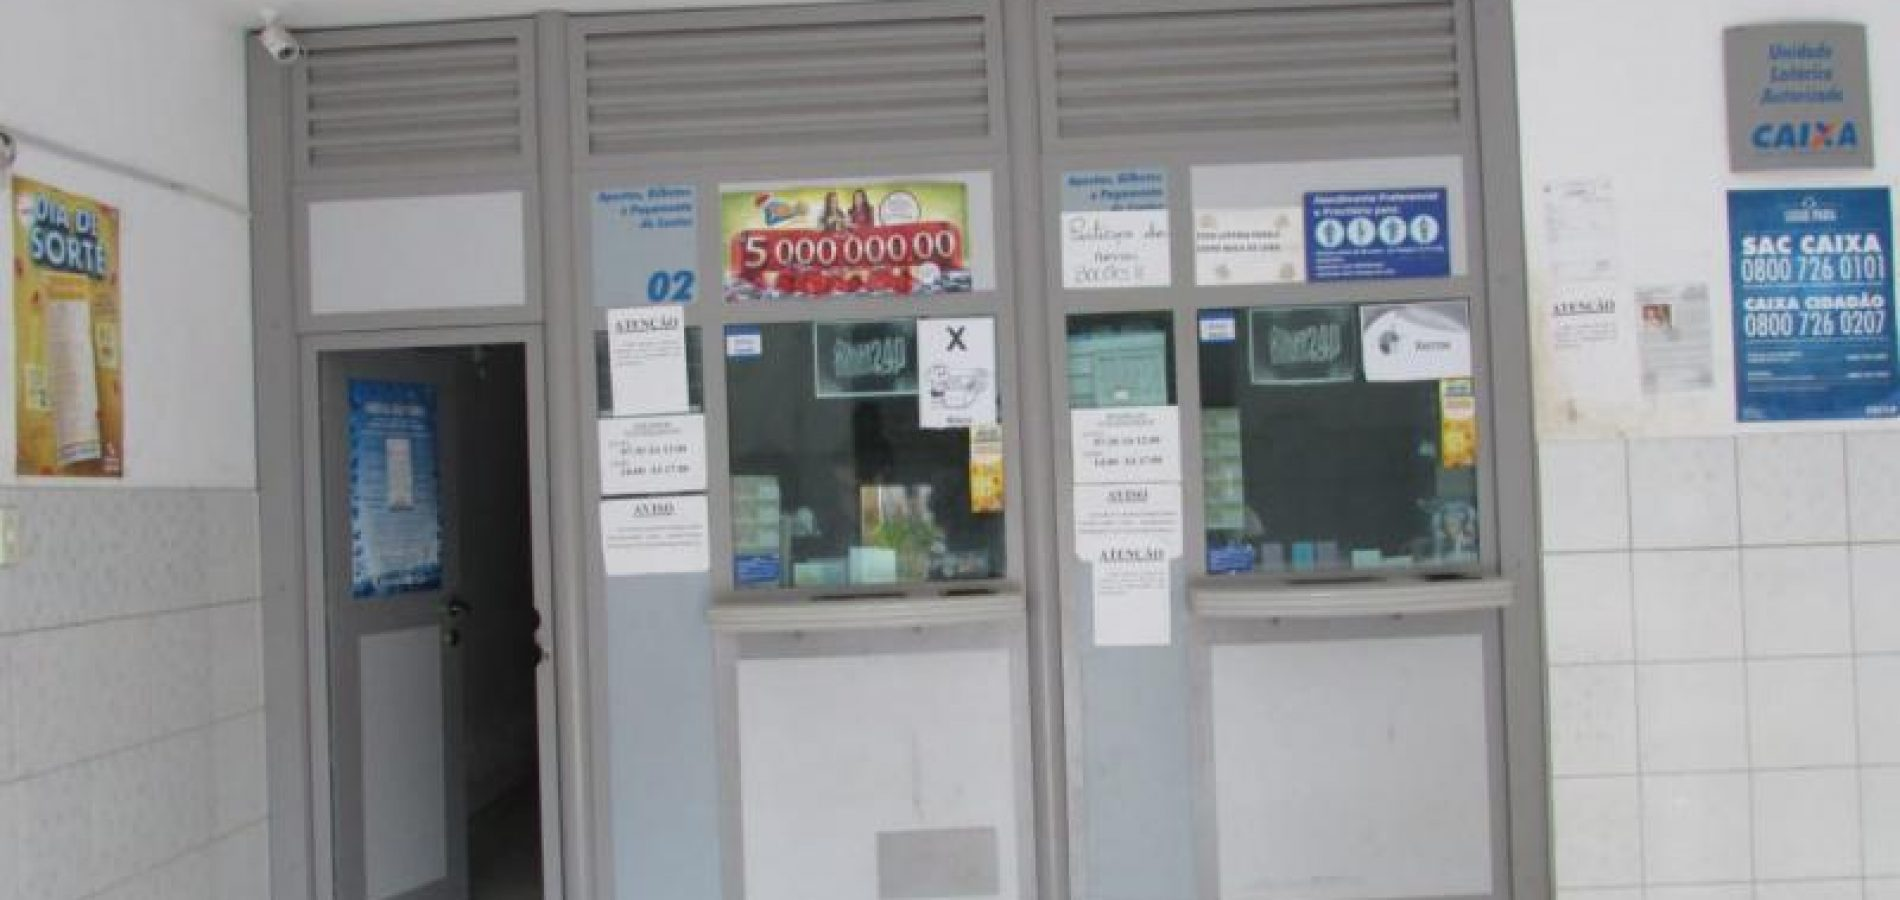 Bandidos rendem funcionária e roubam dinheiro de lotérica no Piauí